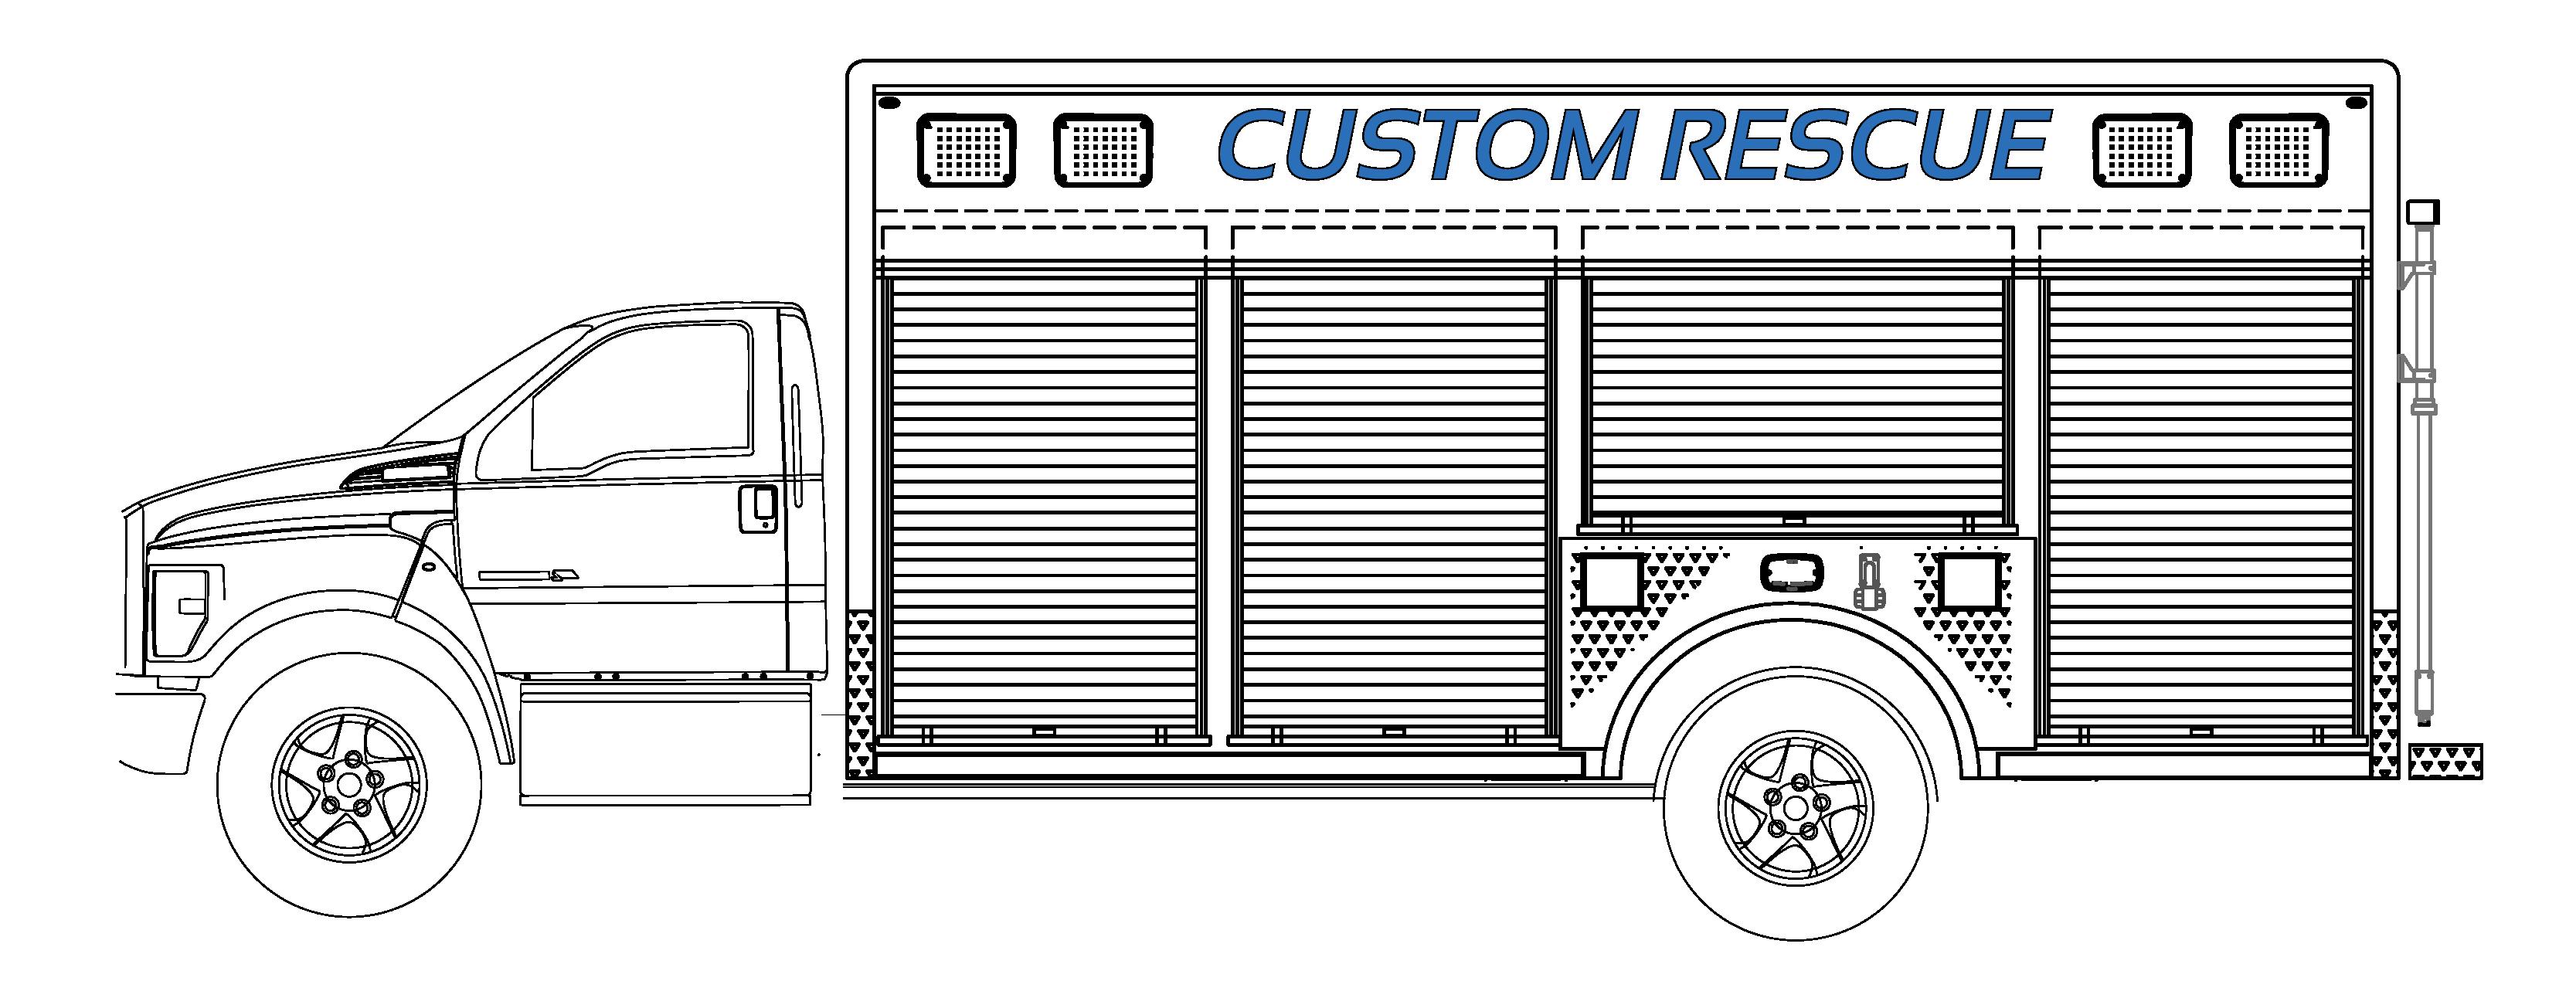 custom rescue on 650 -- black outline-01